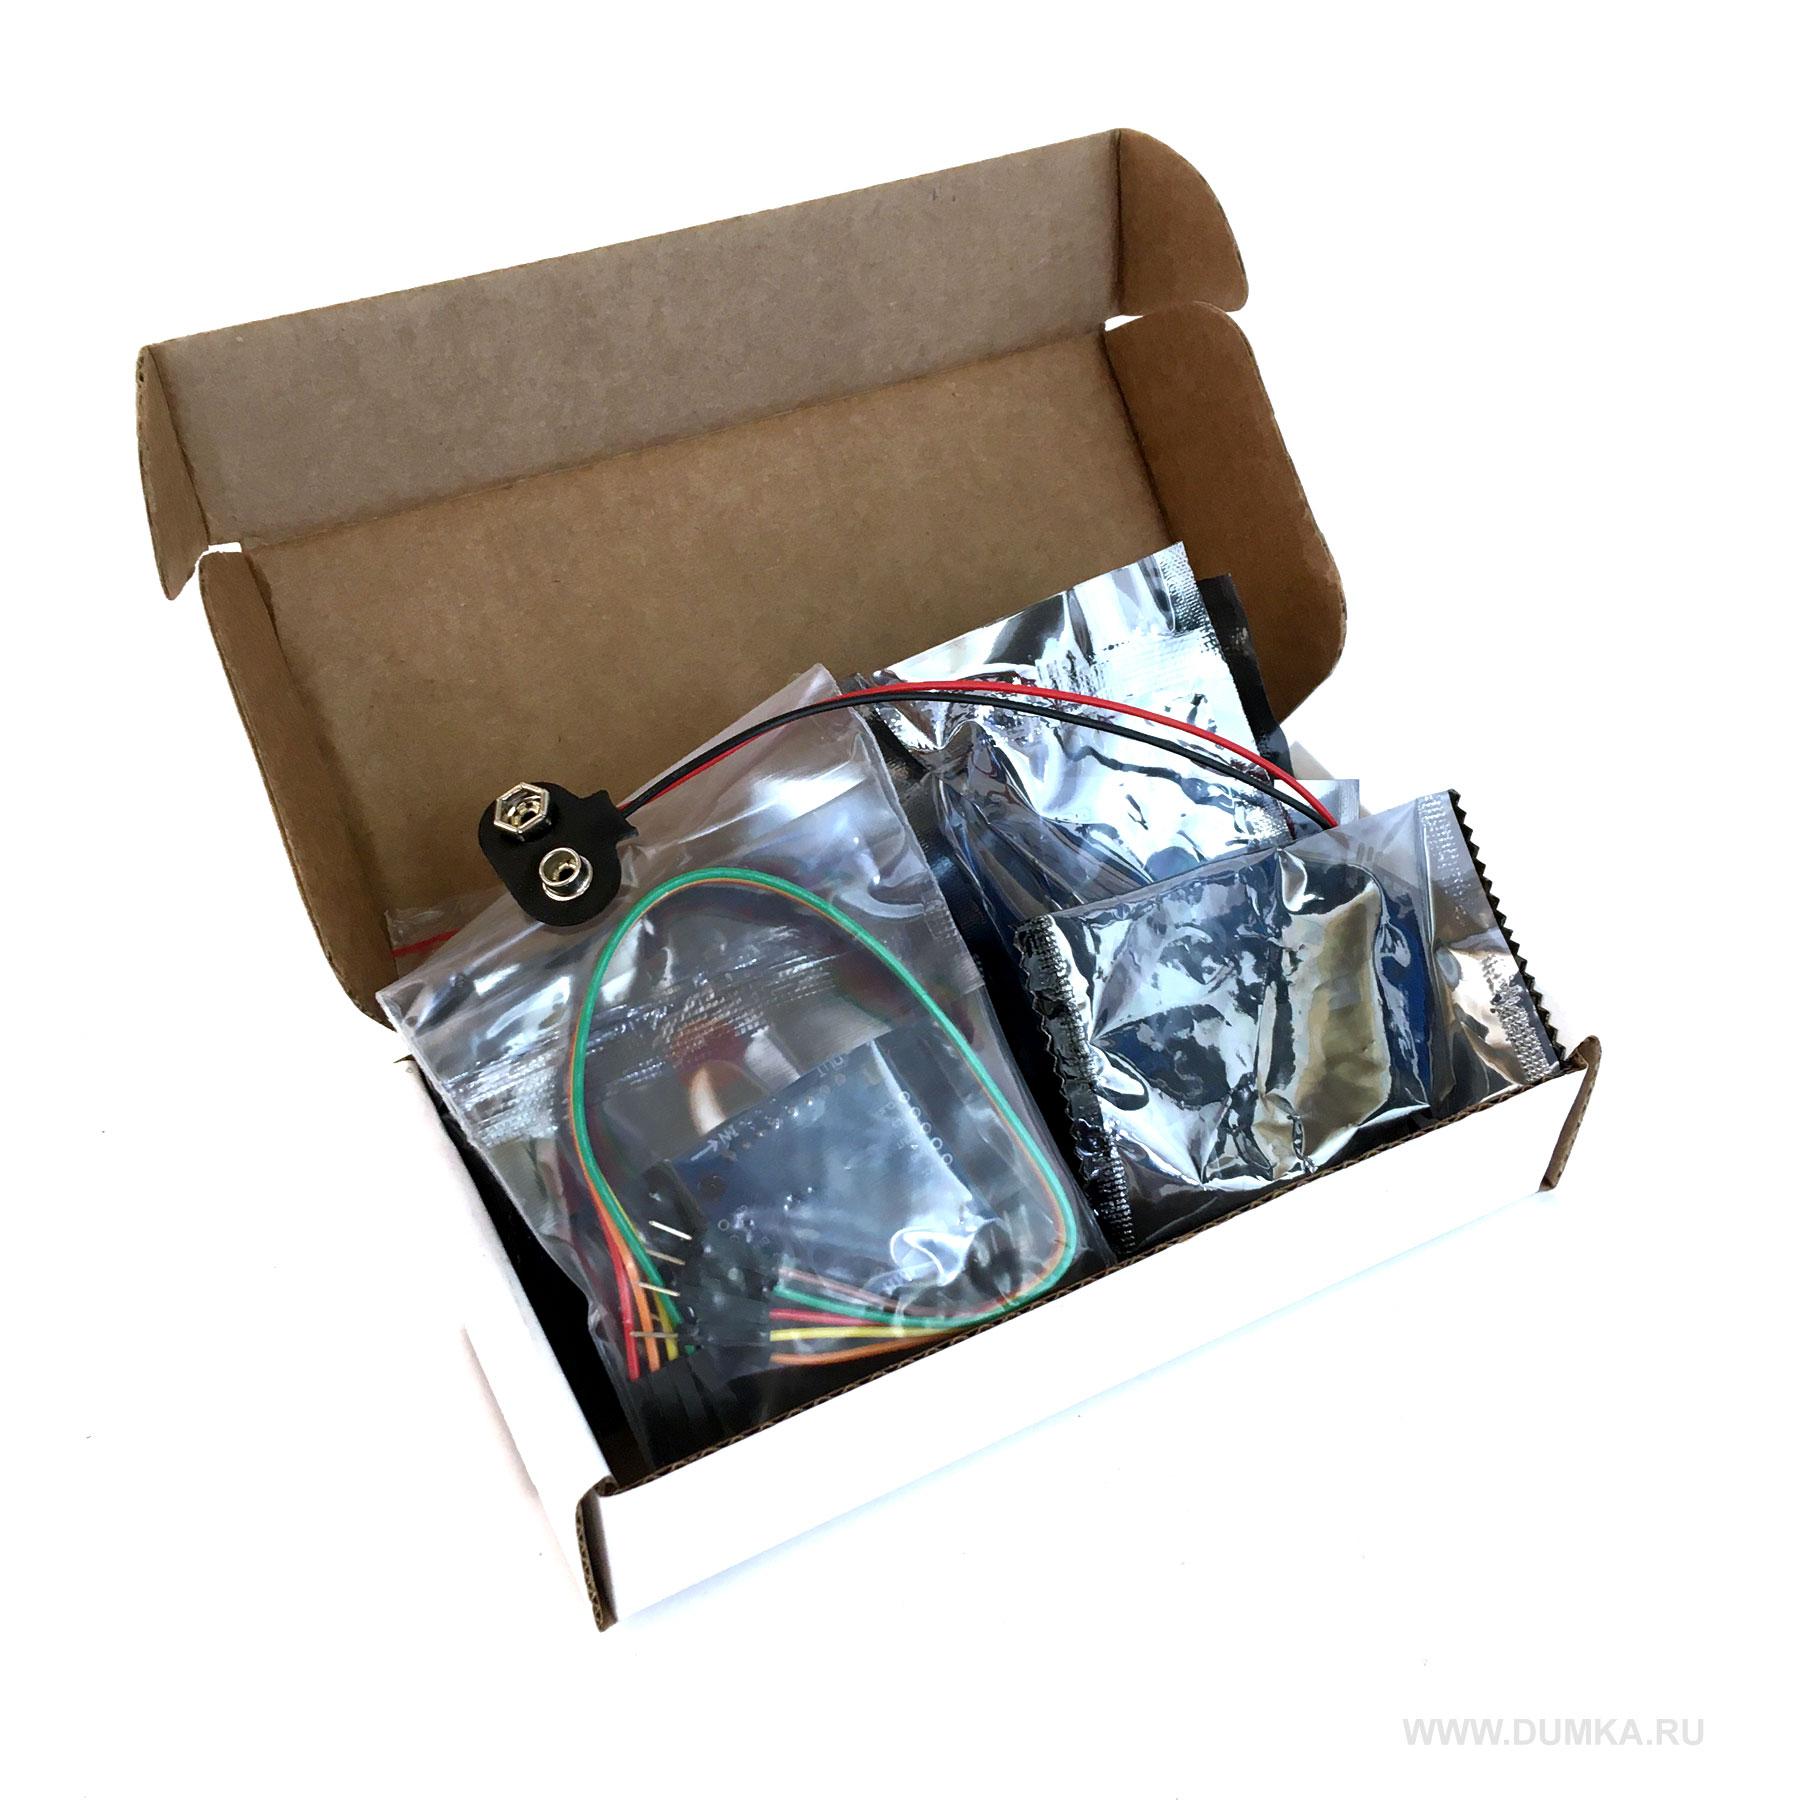 nabor-po-elektronike-umnyi-dom-na-baze-arduino-foto-tdx-978-5-9775-6608-7-11.jpg